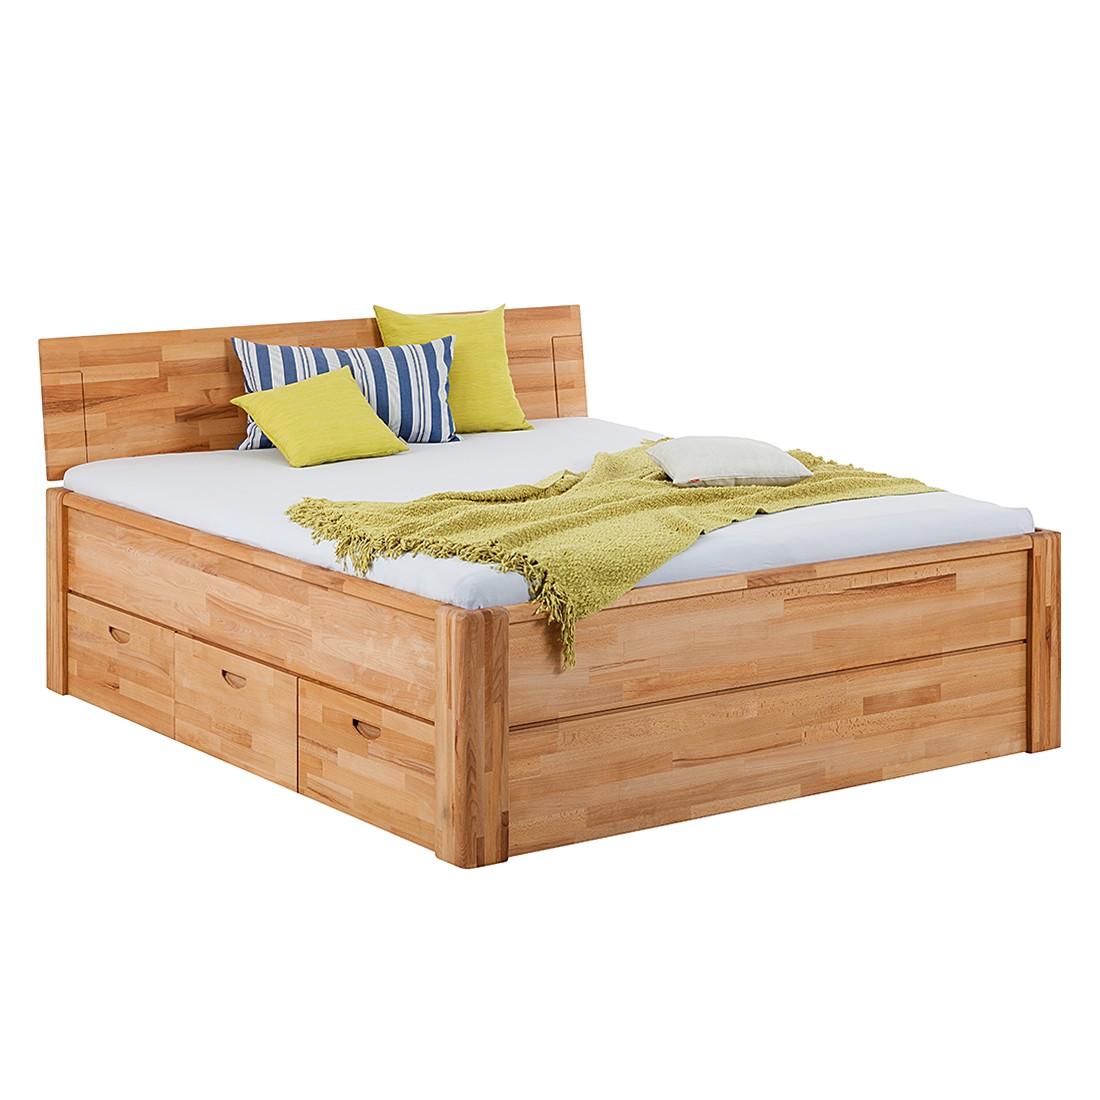 goedkoop Massief houten bed TiaWOOD incl. bedlades massief kernbeukenhout 140 x 200cm Ars Natura